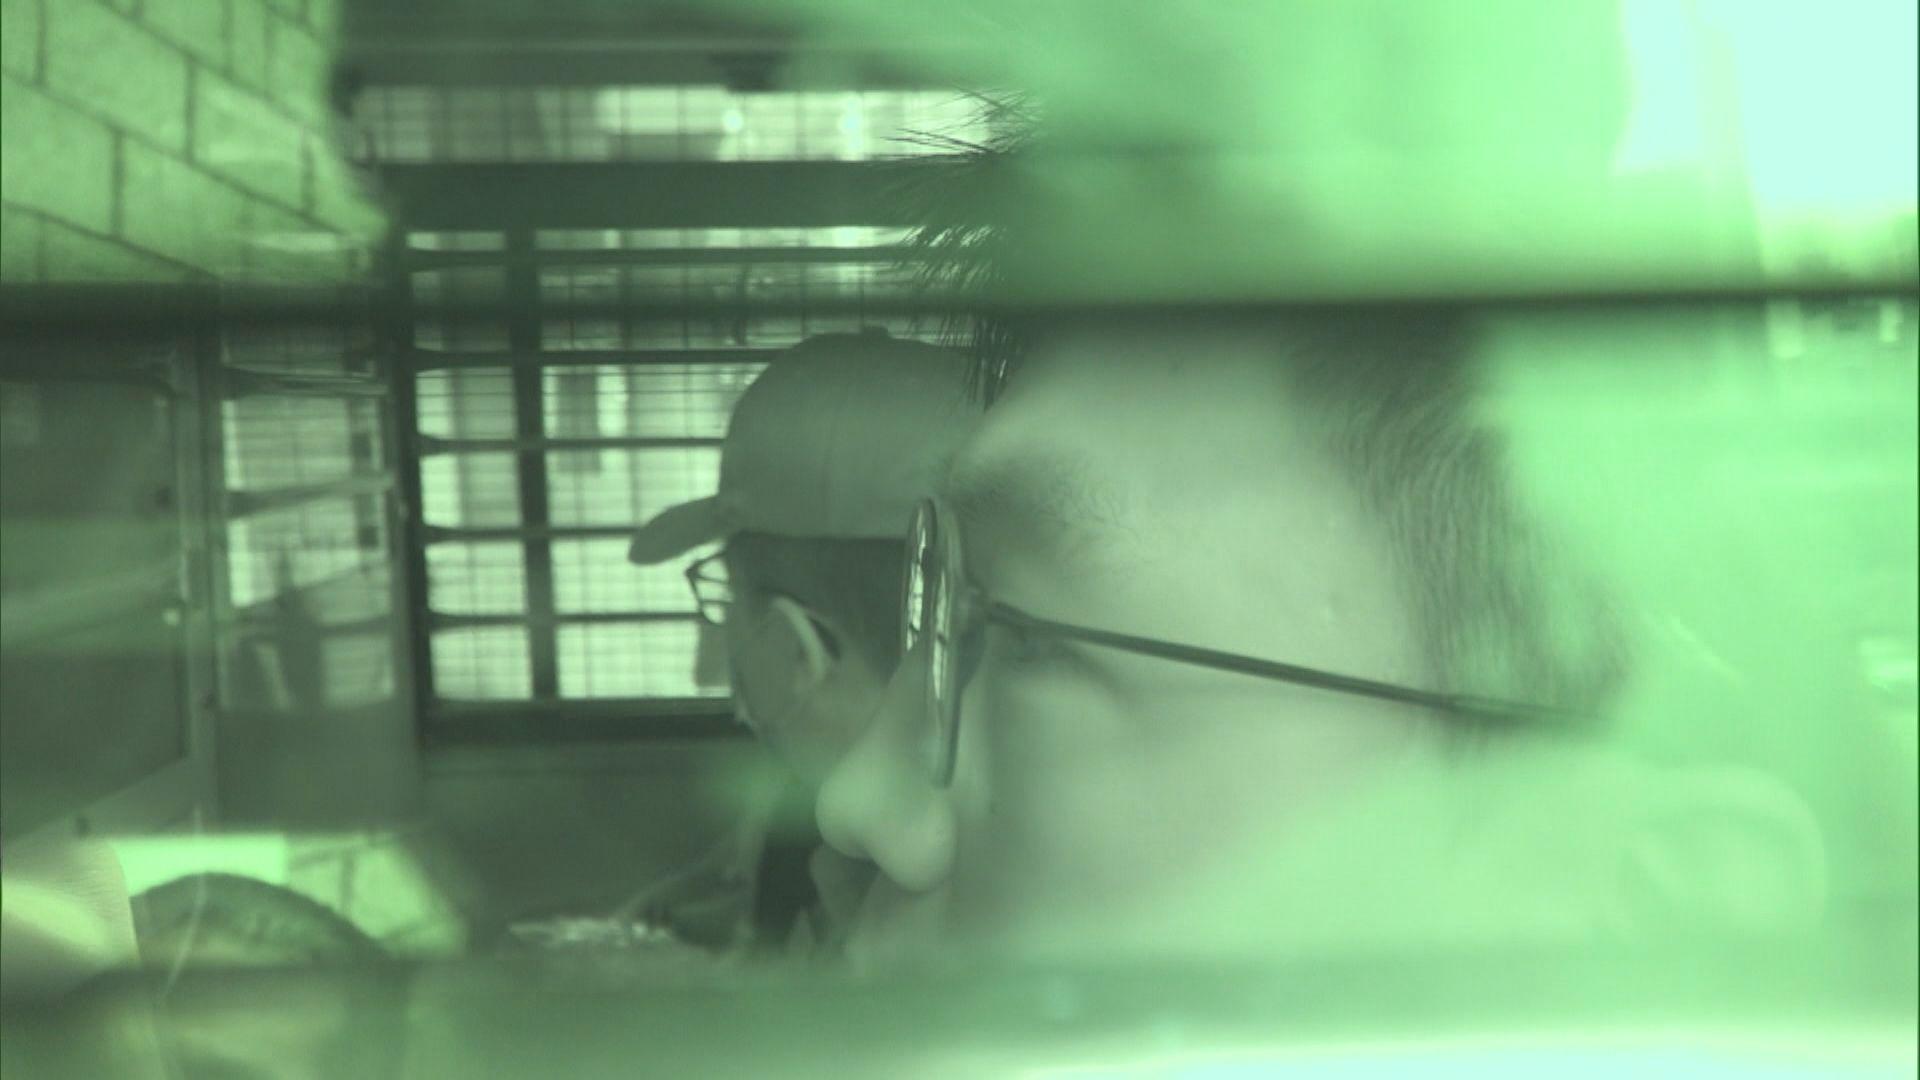 梁天琦等五人暴動罪開審 一被告認罪